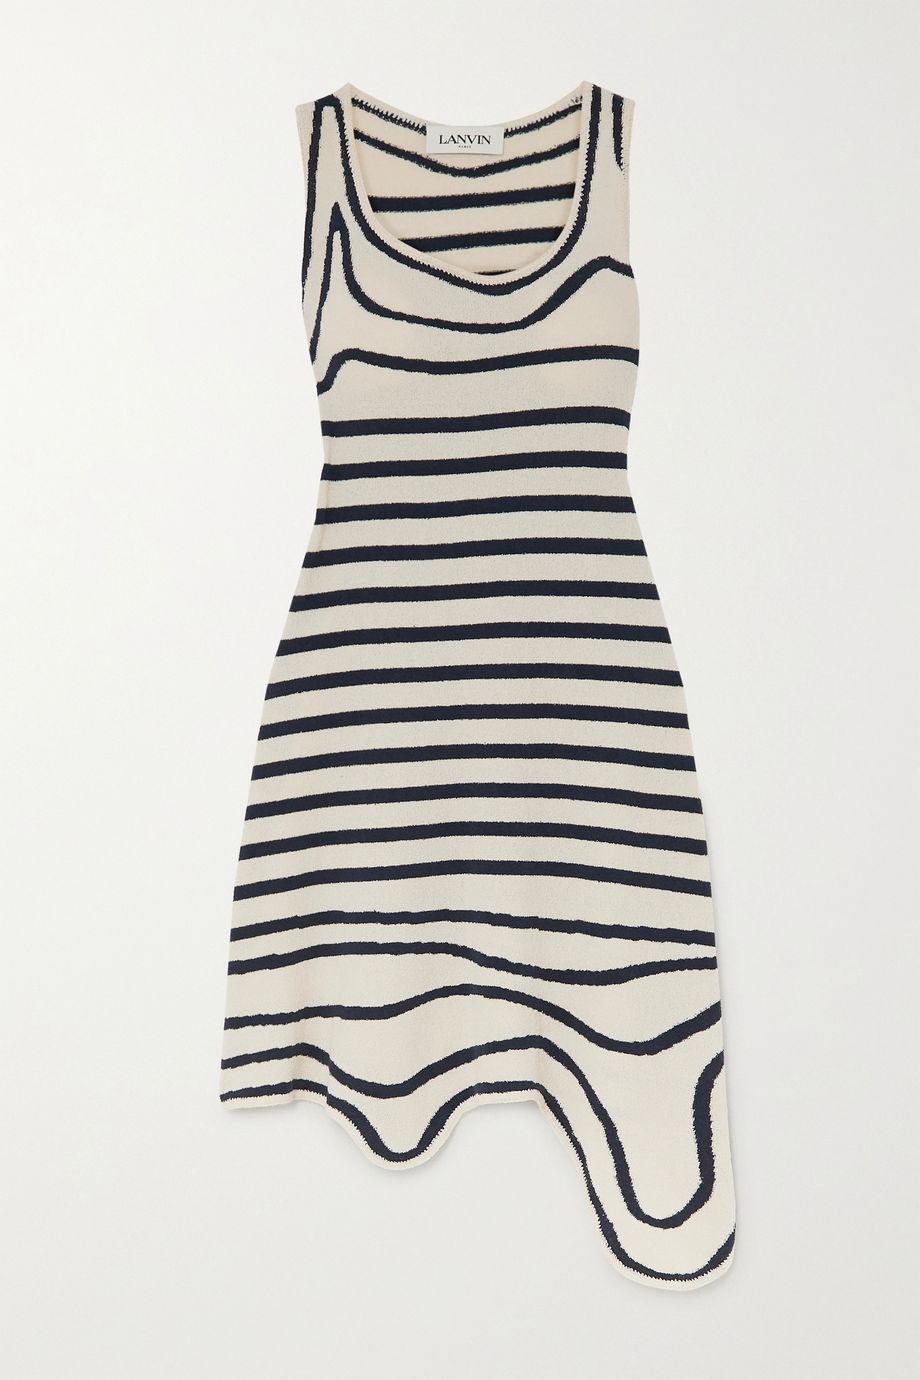 Lanvin Asymmetric striped cotton-blend terry dress